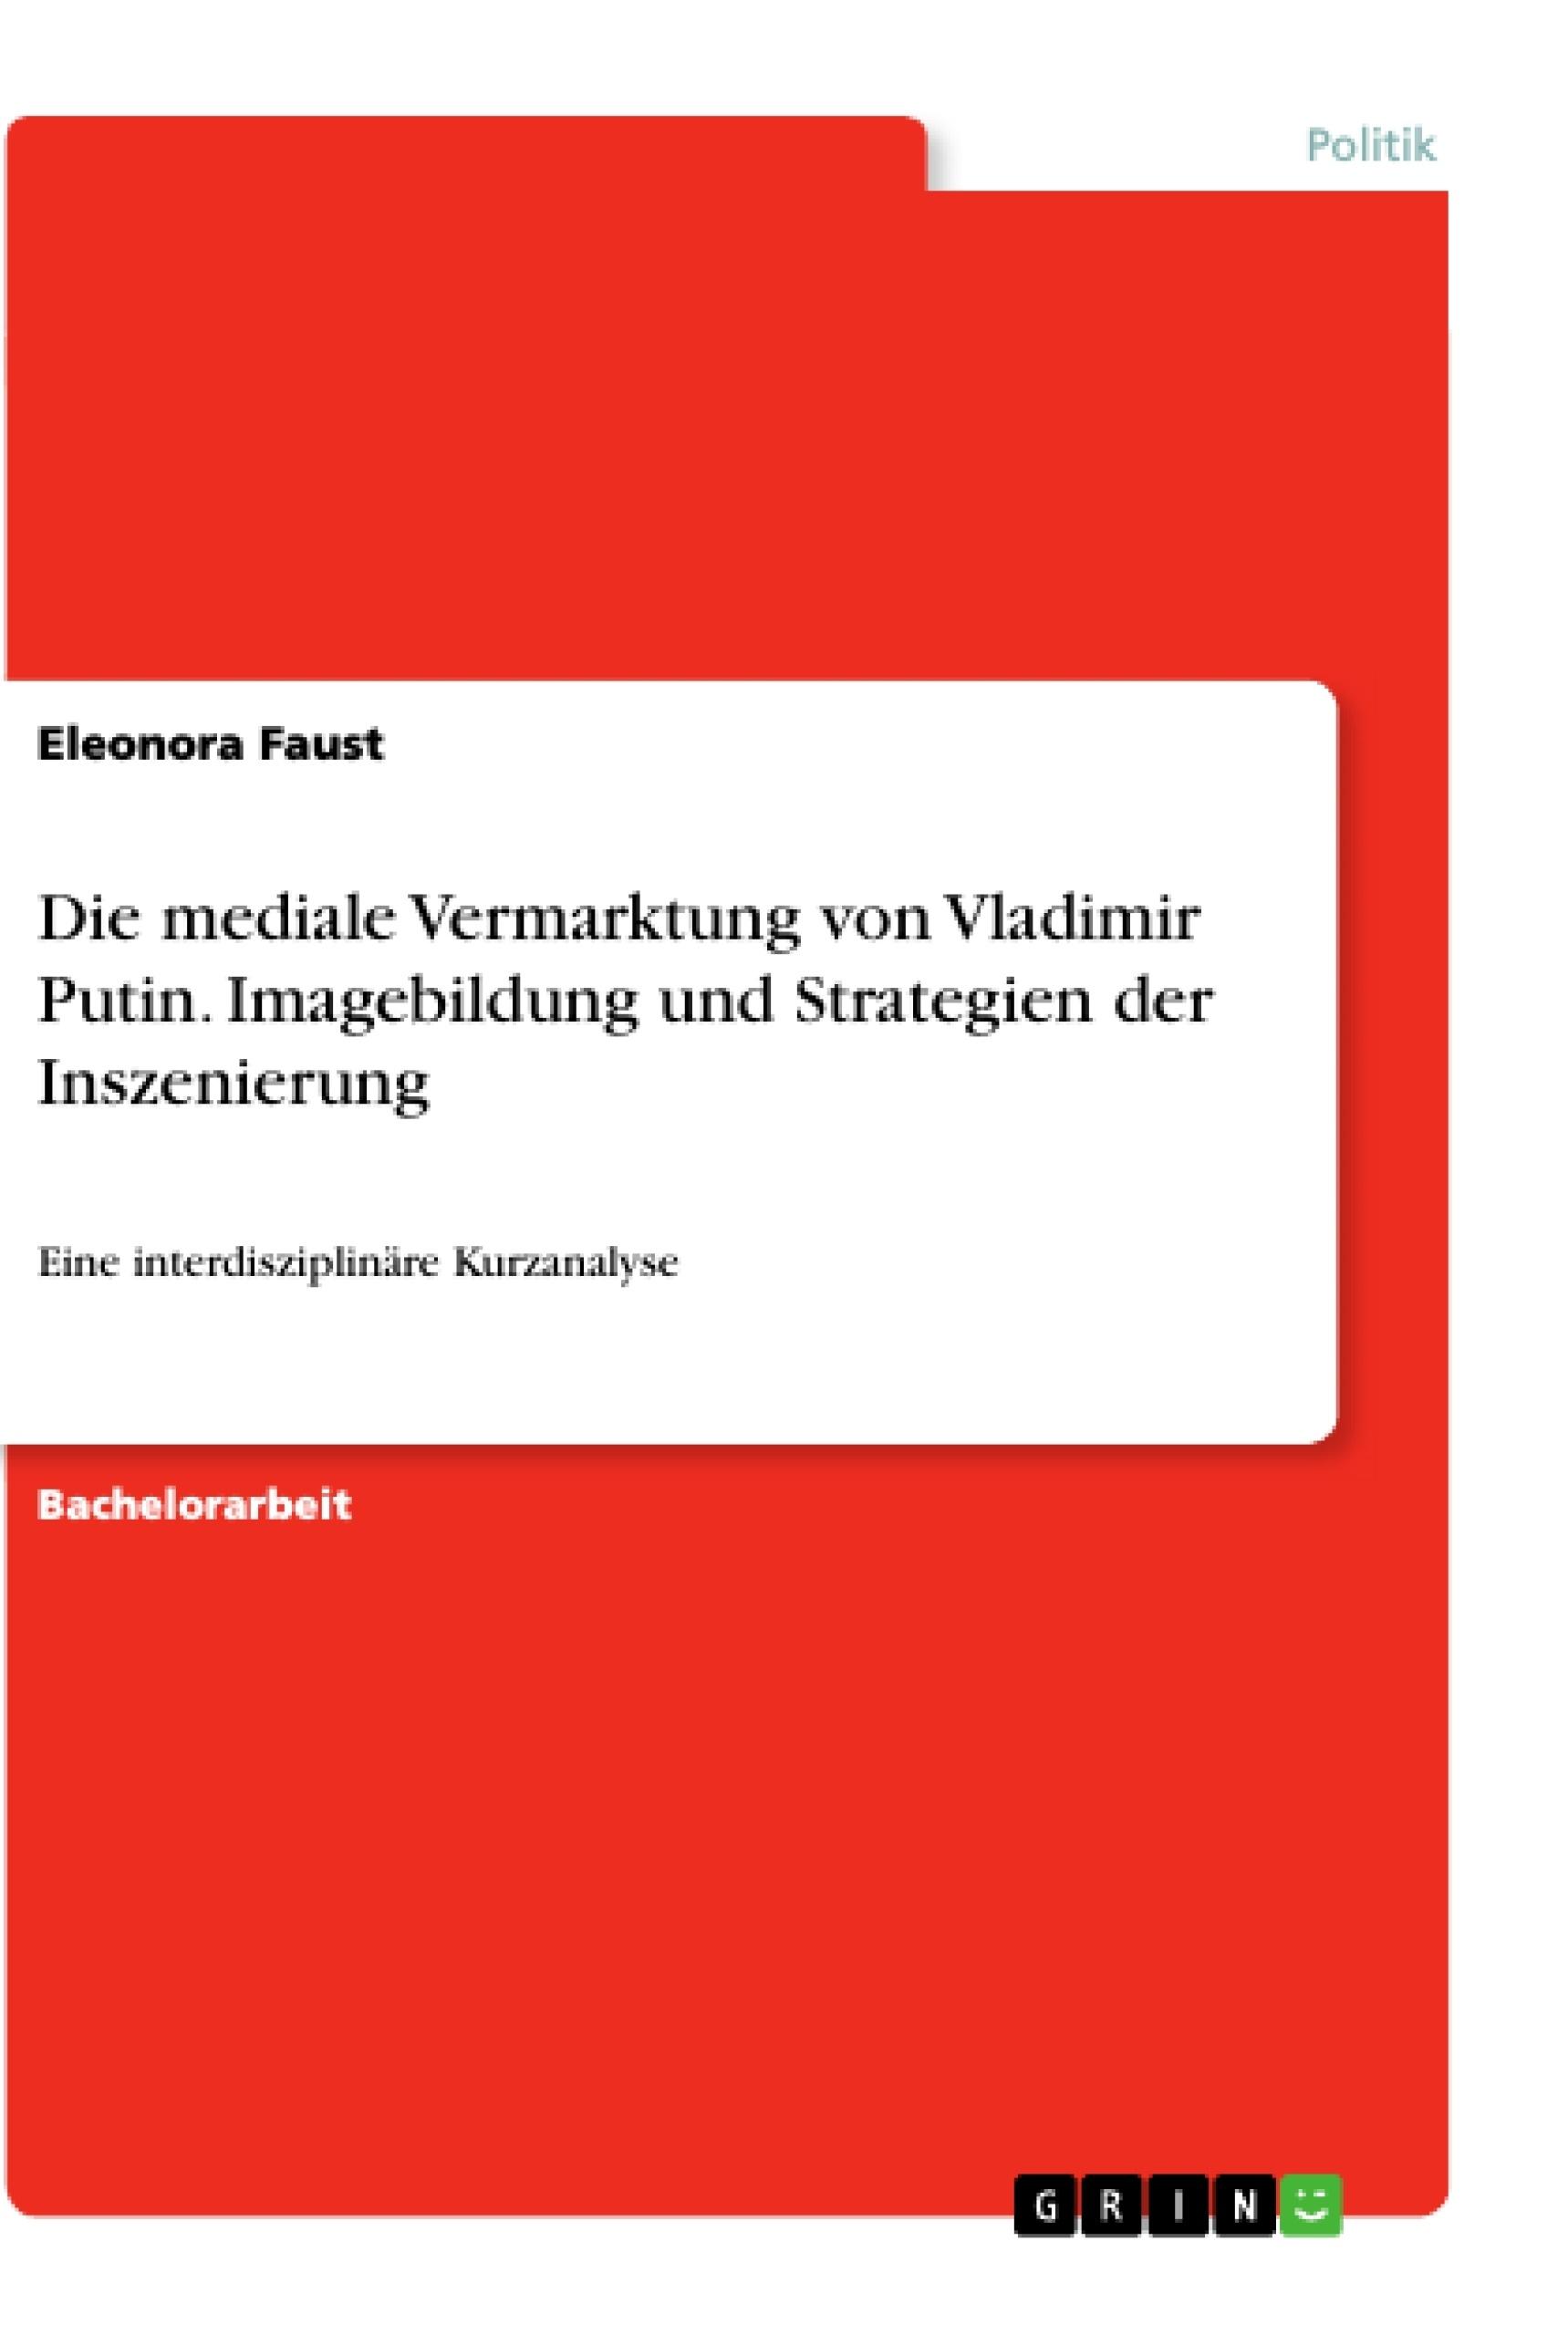 Titel: Die mediale Vermarktung von Vladimir Putin. Imagebildung und Strategien der Inszenierung